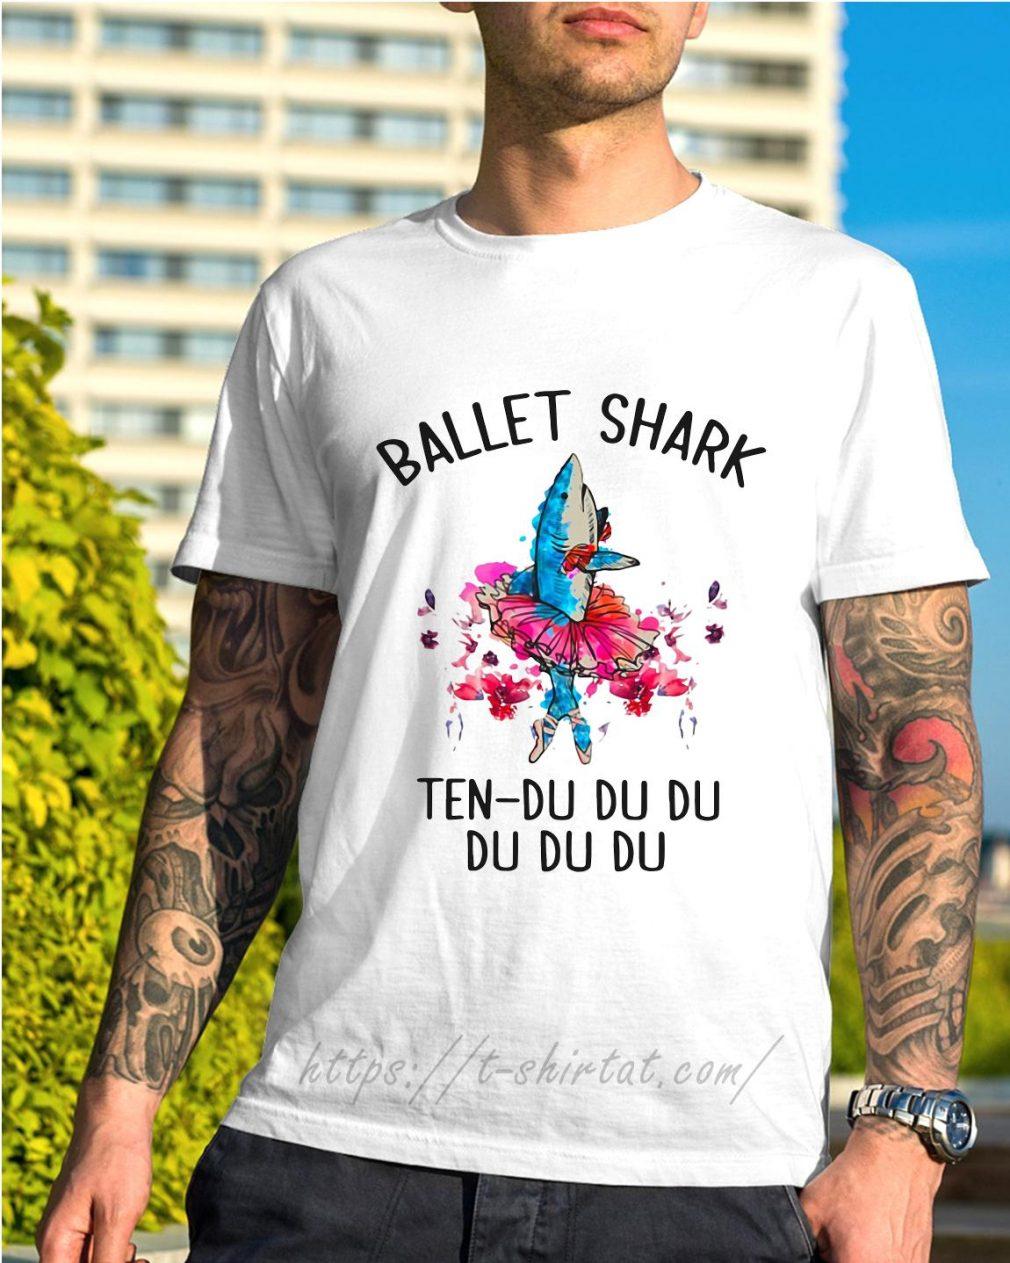 Ballet shark ten-du du du du du du shirt